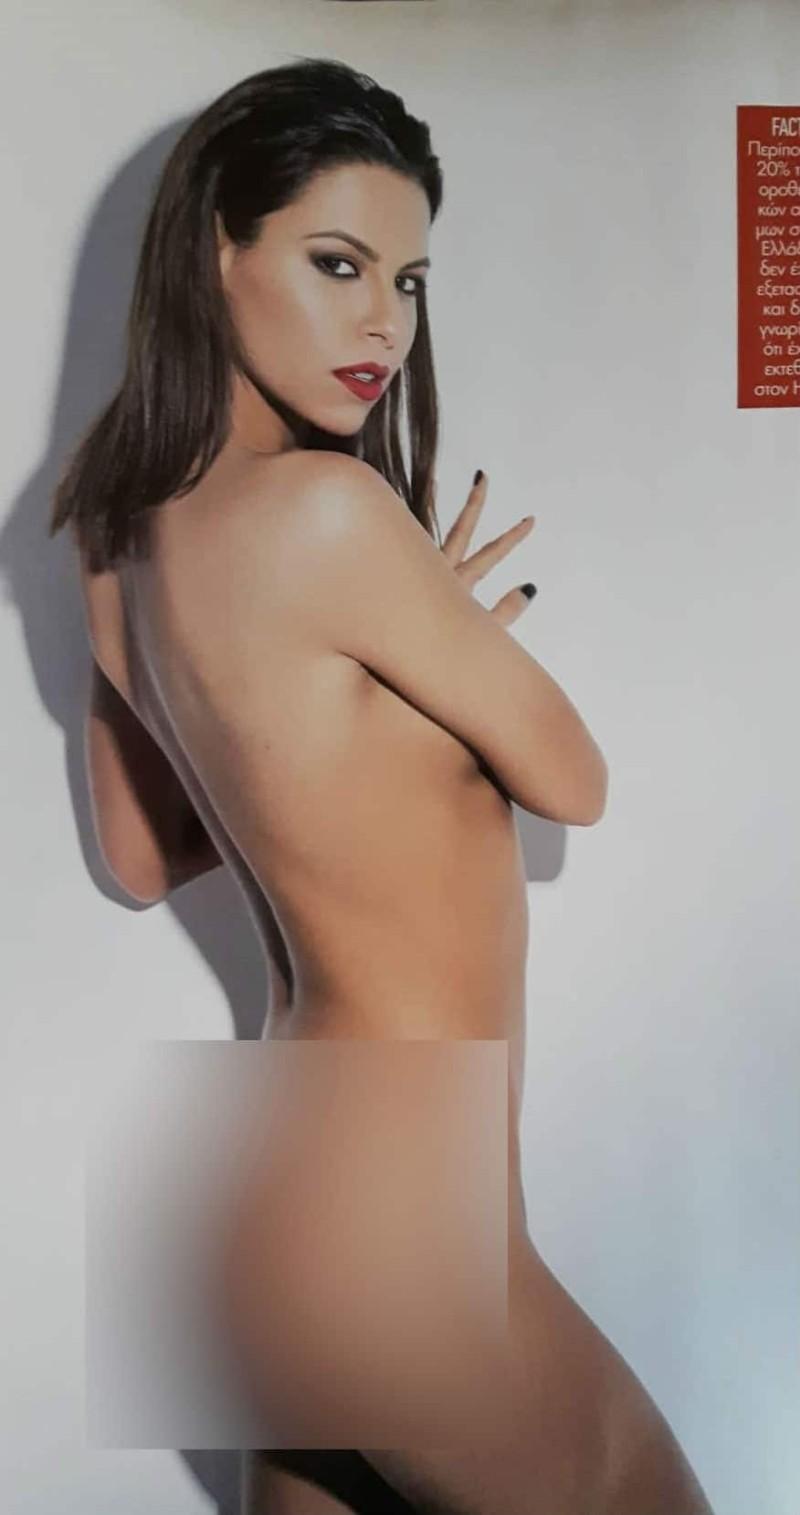 πορνογραφικές ιστοσελίδες